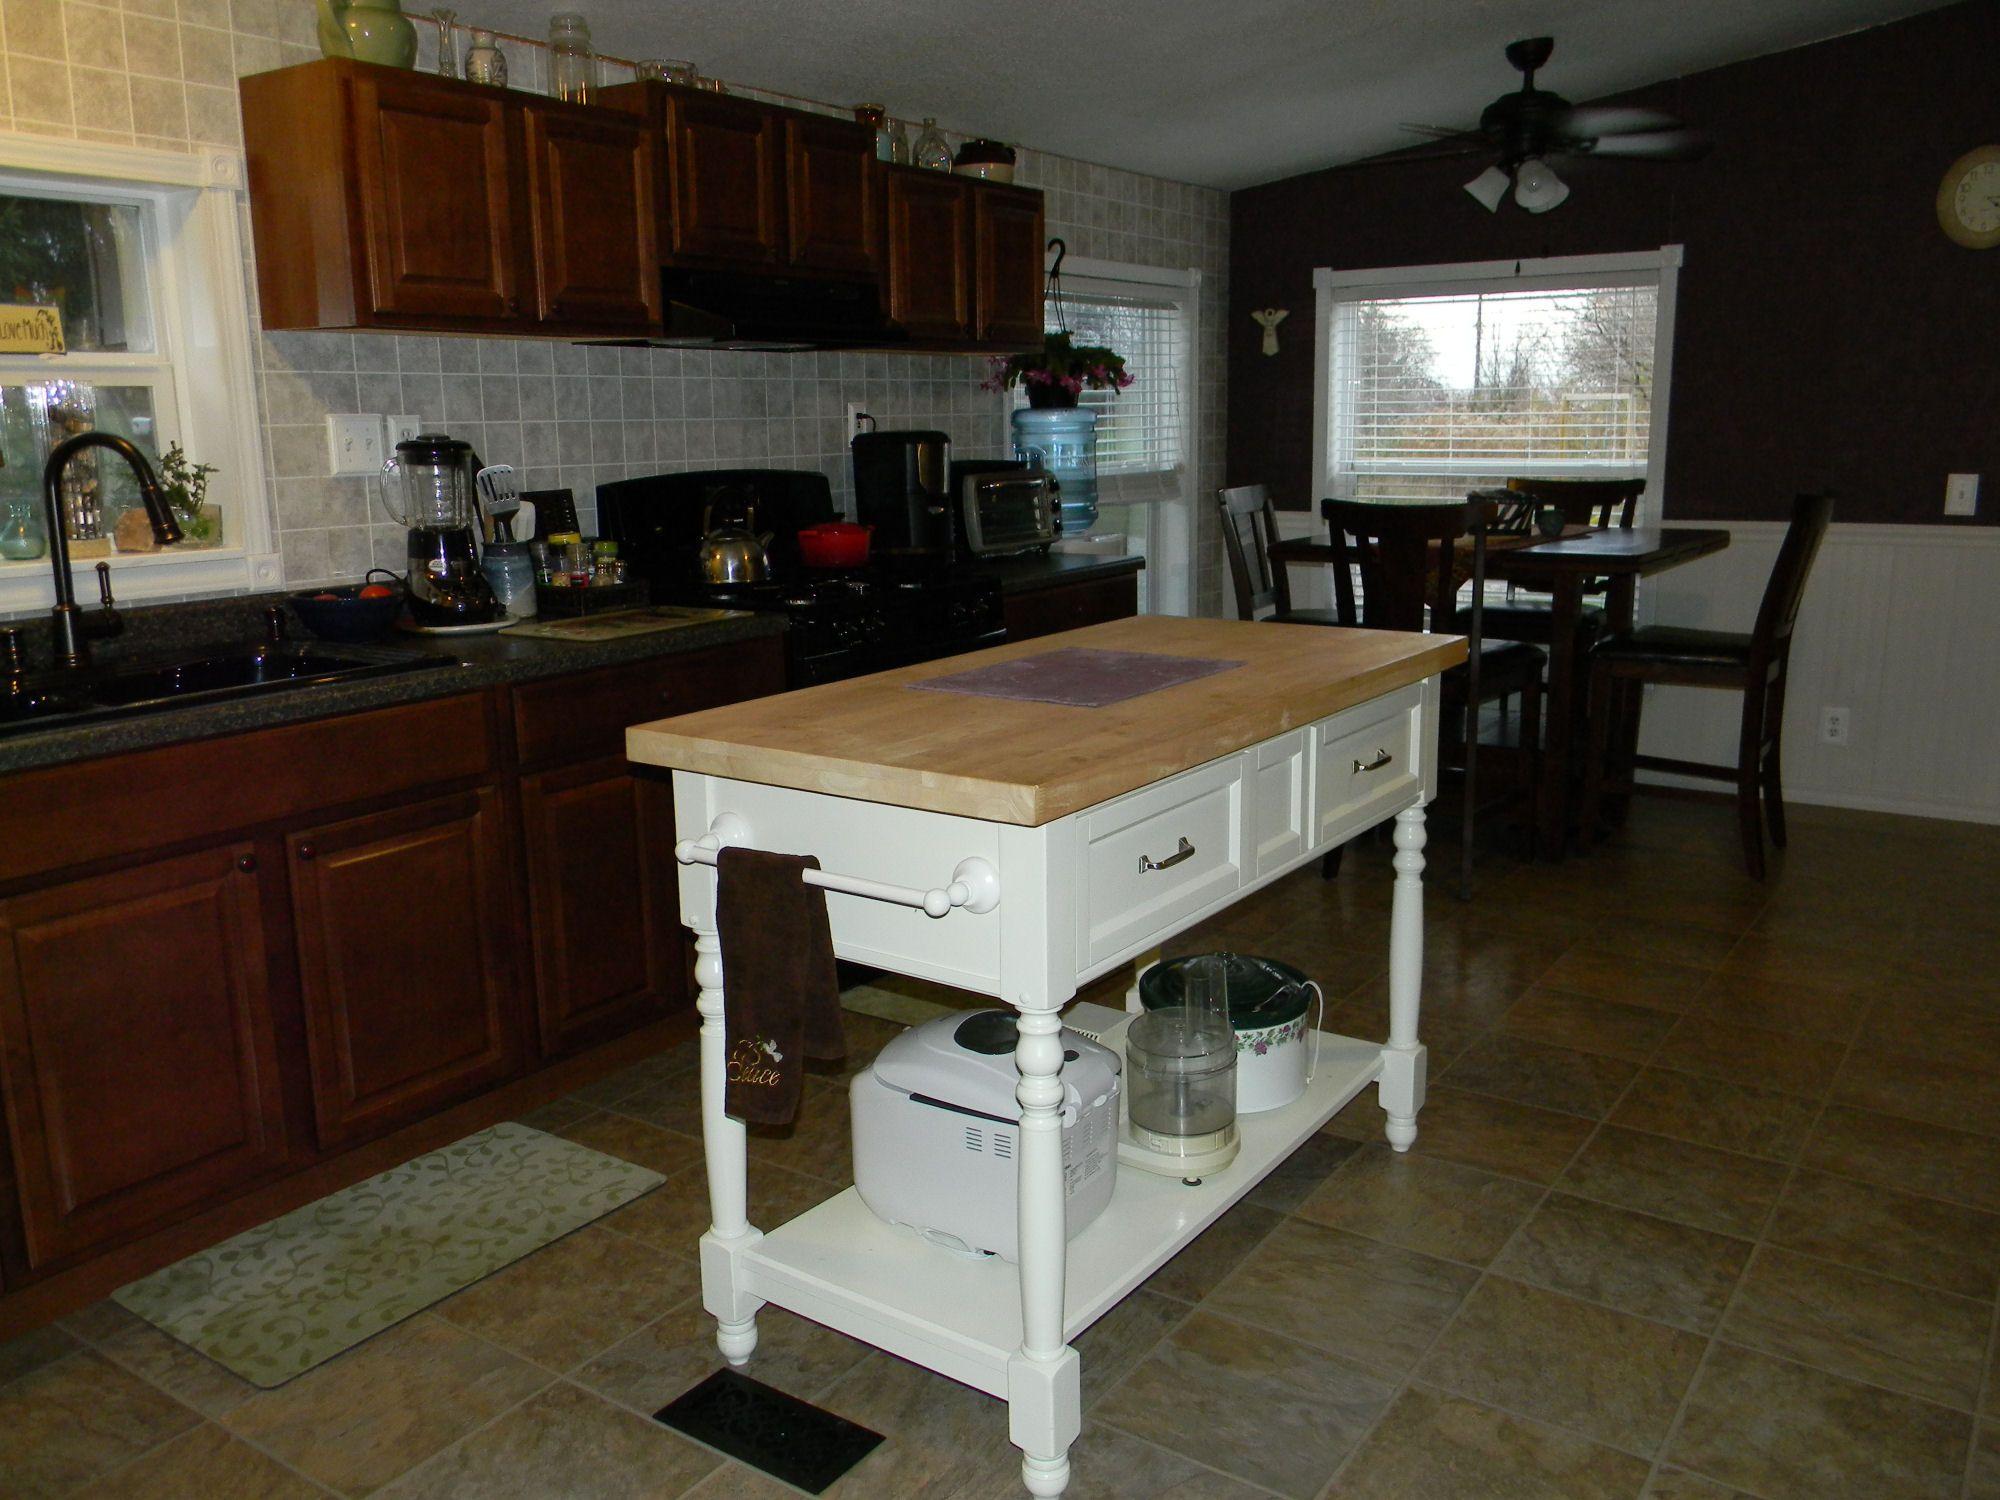 Mobile Home Küche Renovieren Dies ist die neueste Informationen auf ...